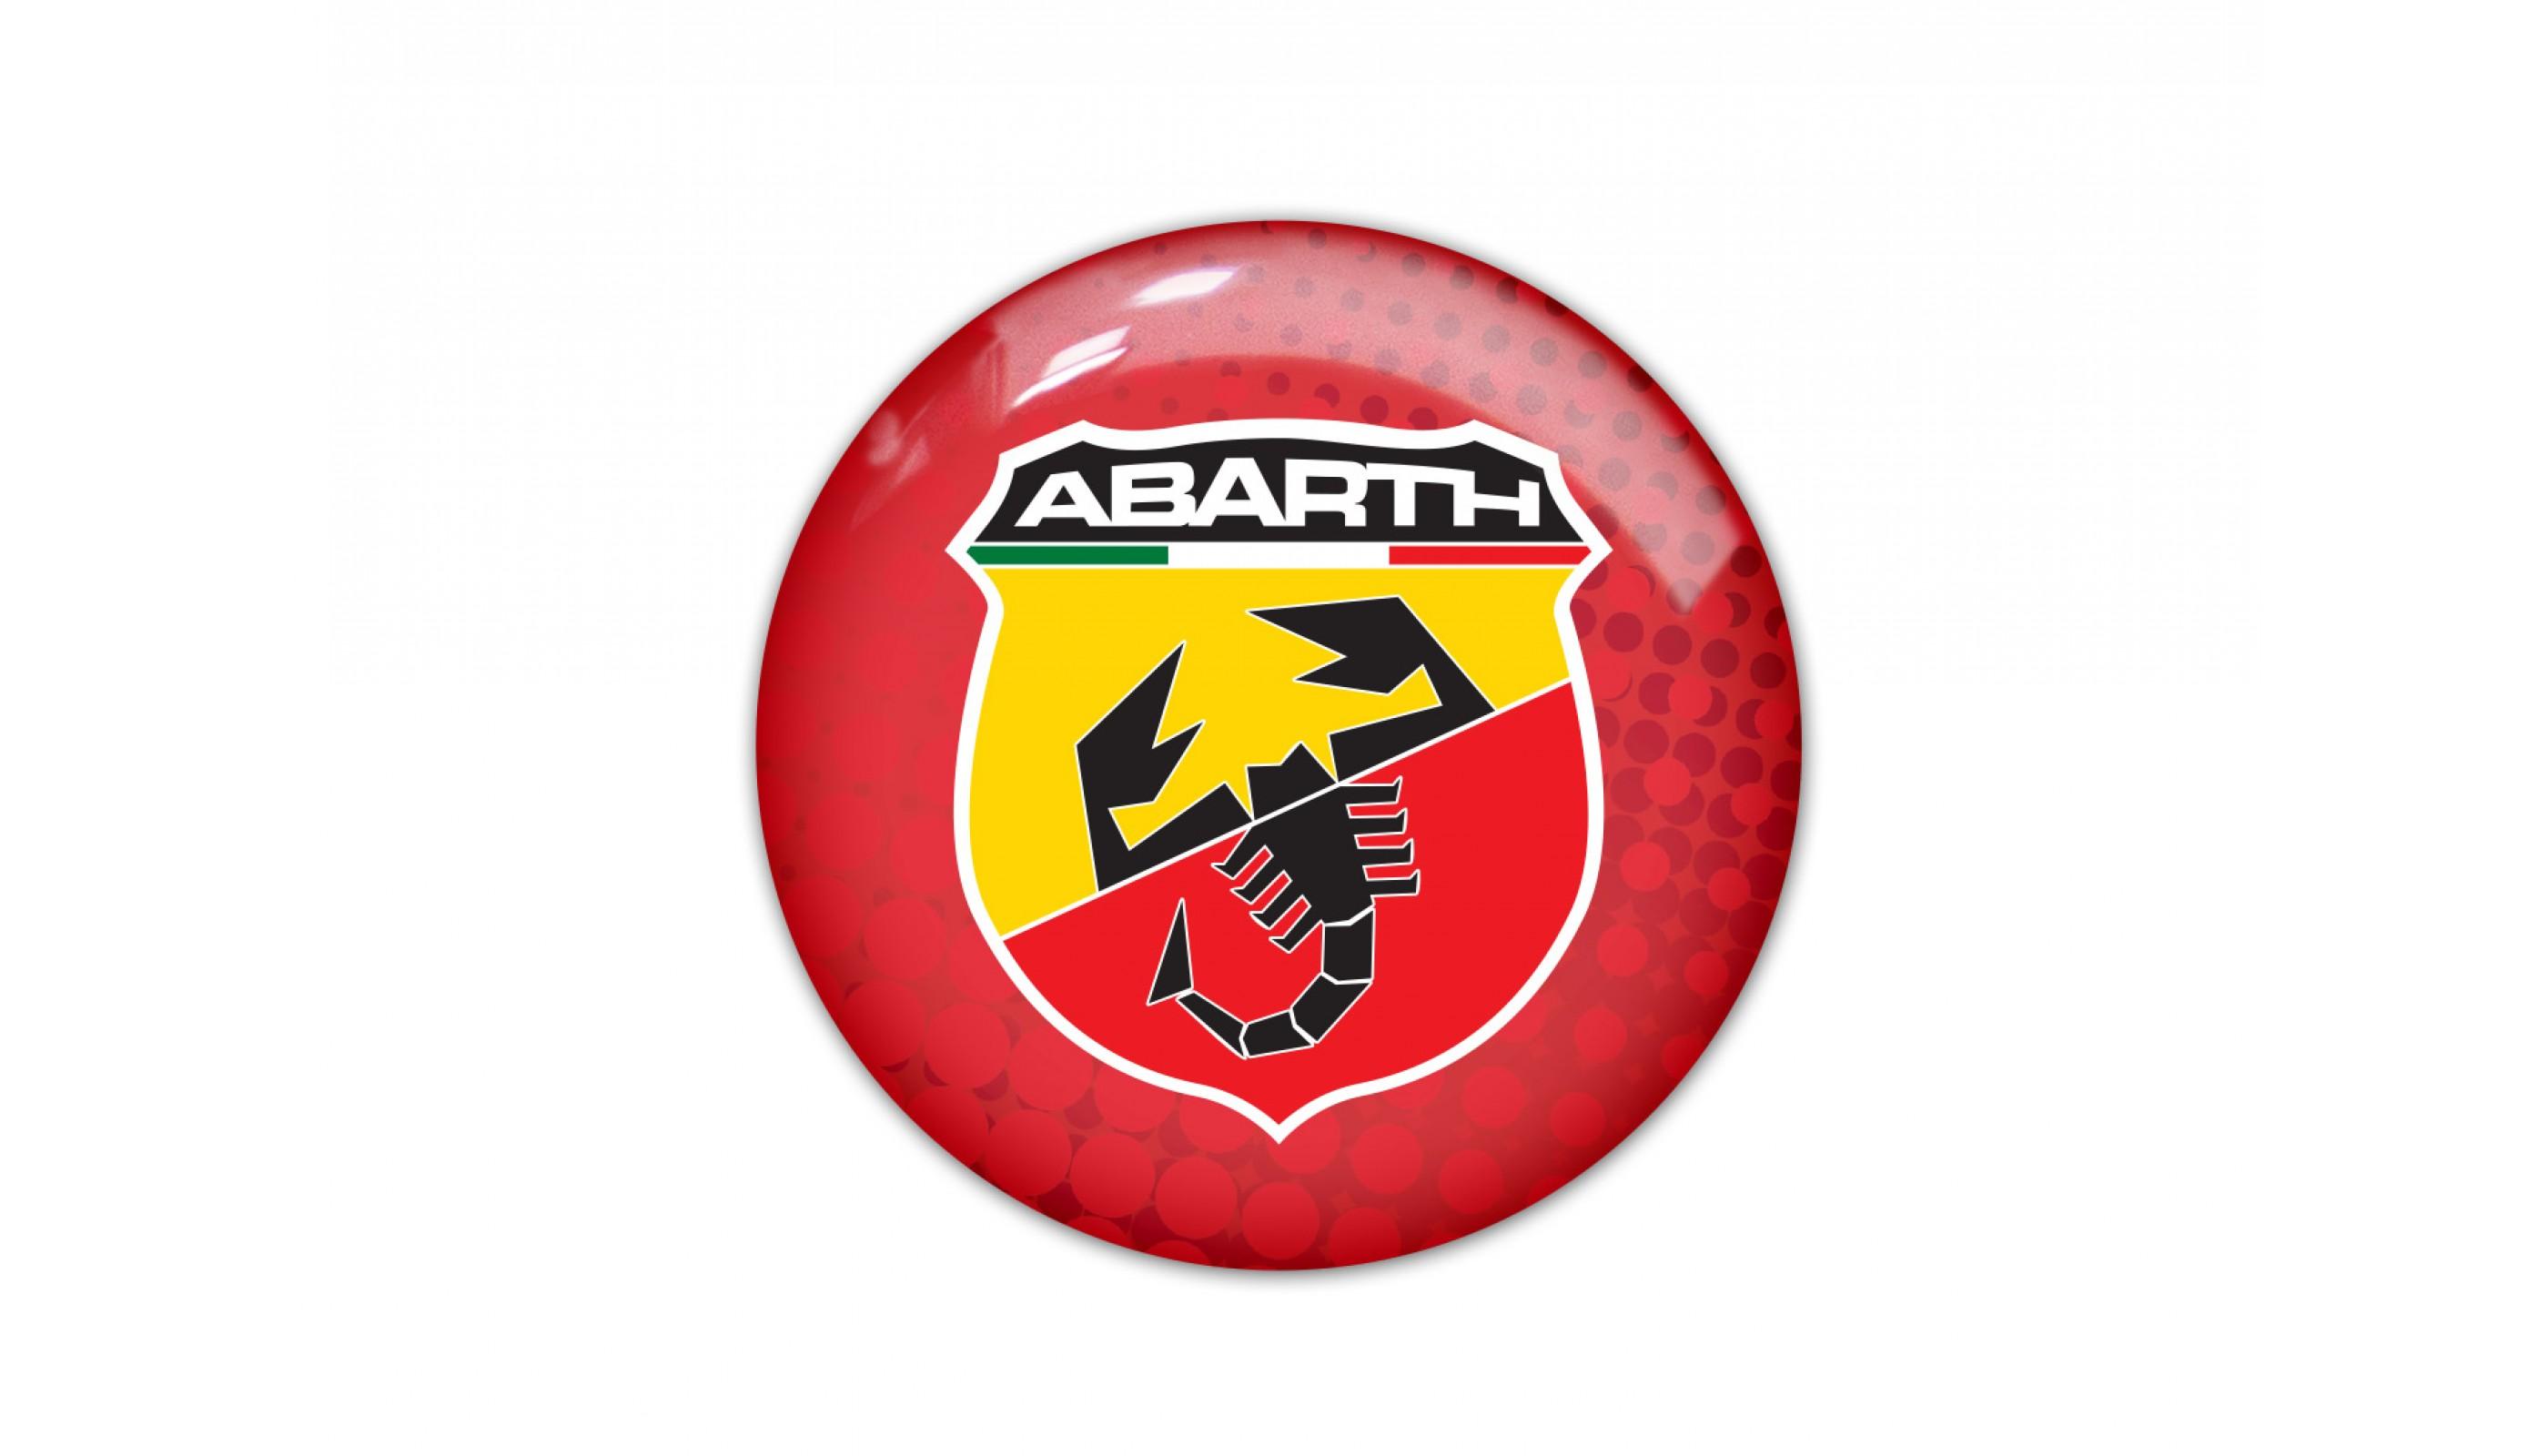 Abarth round red